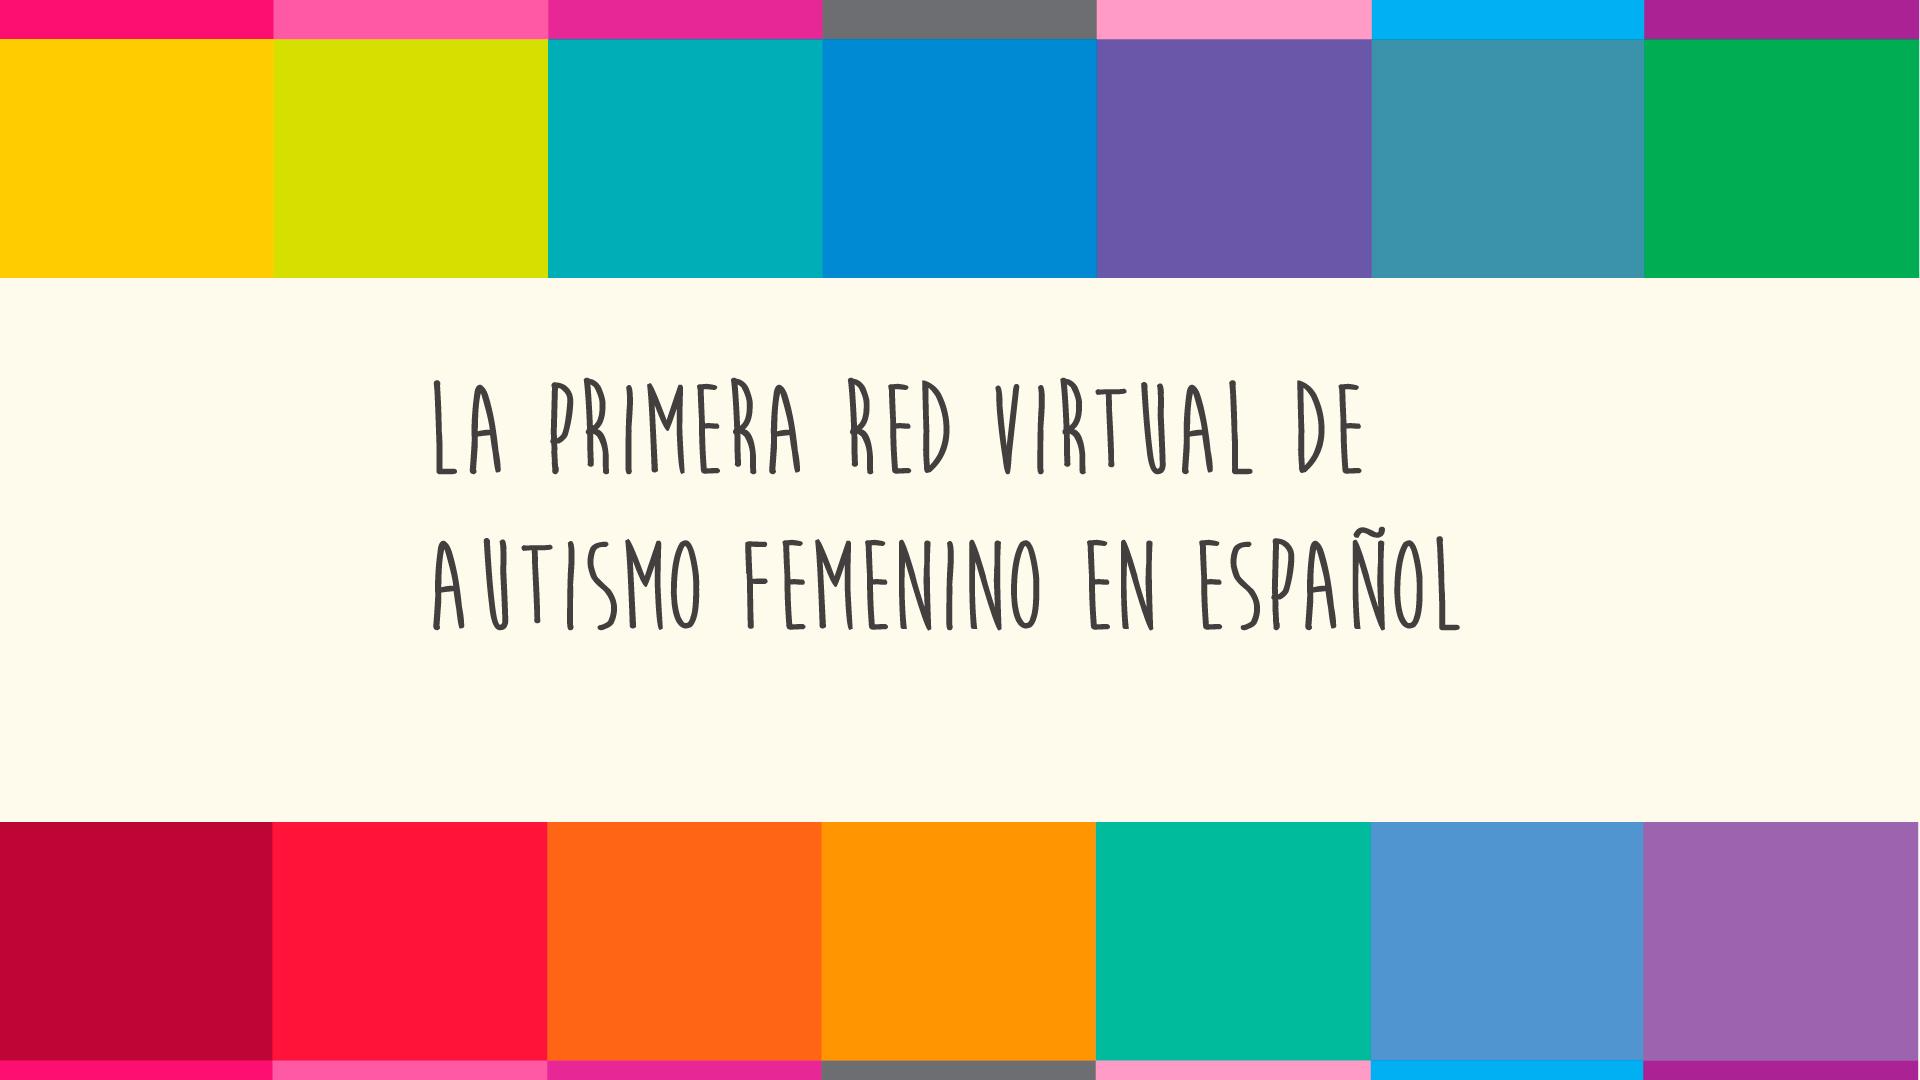 mujeres tea la primera red virtual para autismo femenino en español